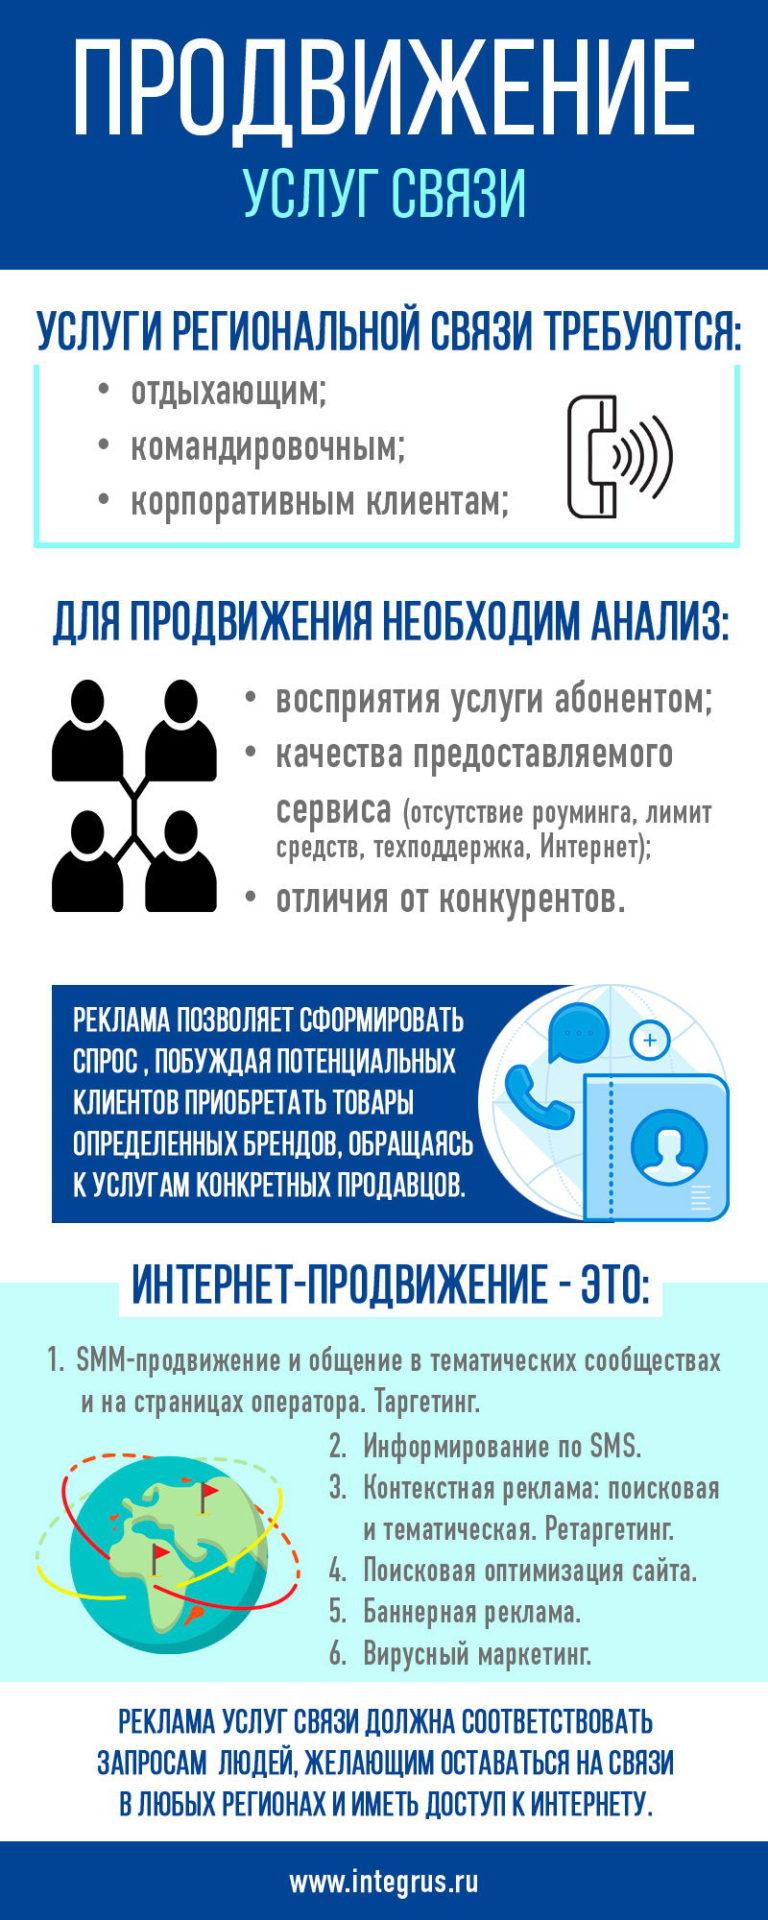 Продвижение в Интернете услуг связи